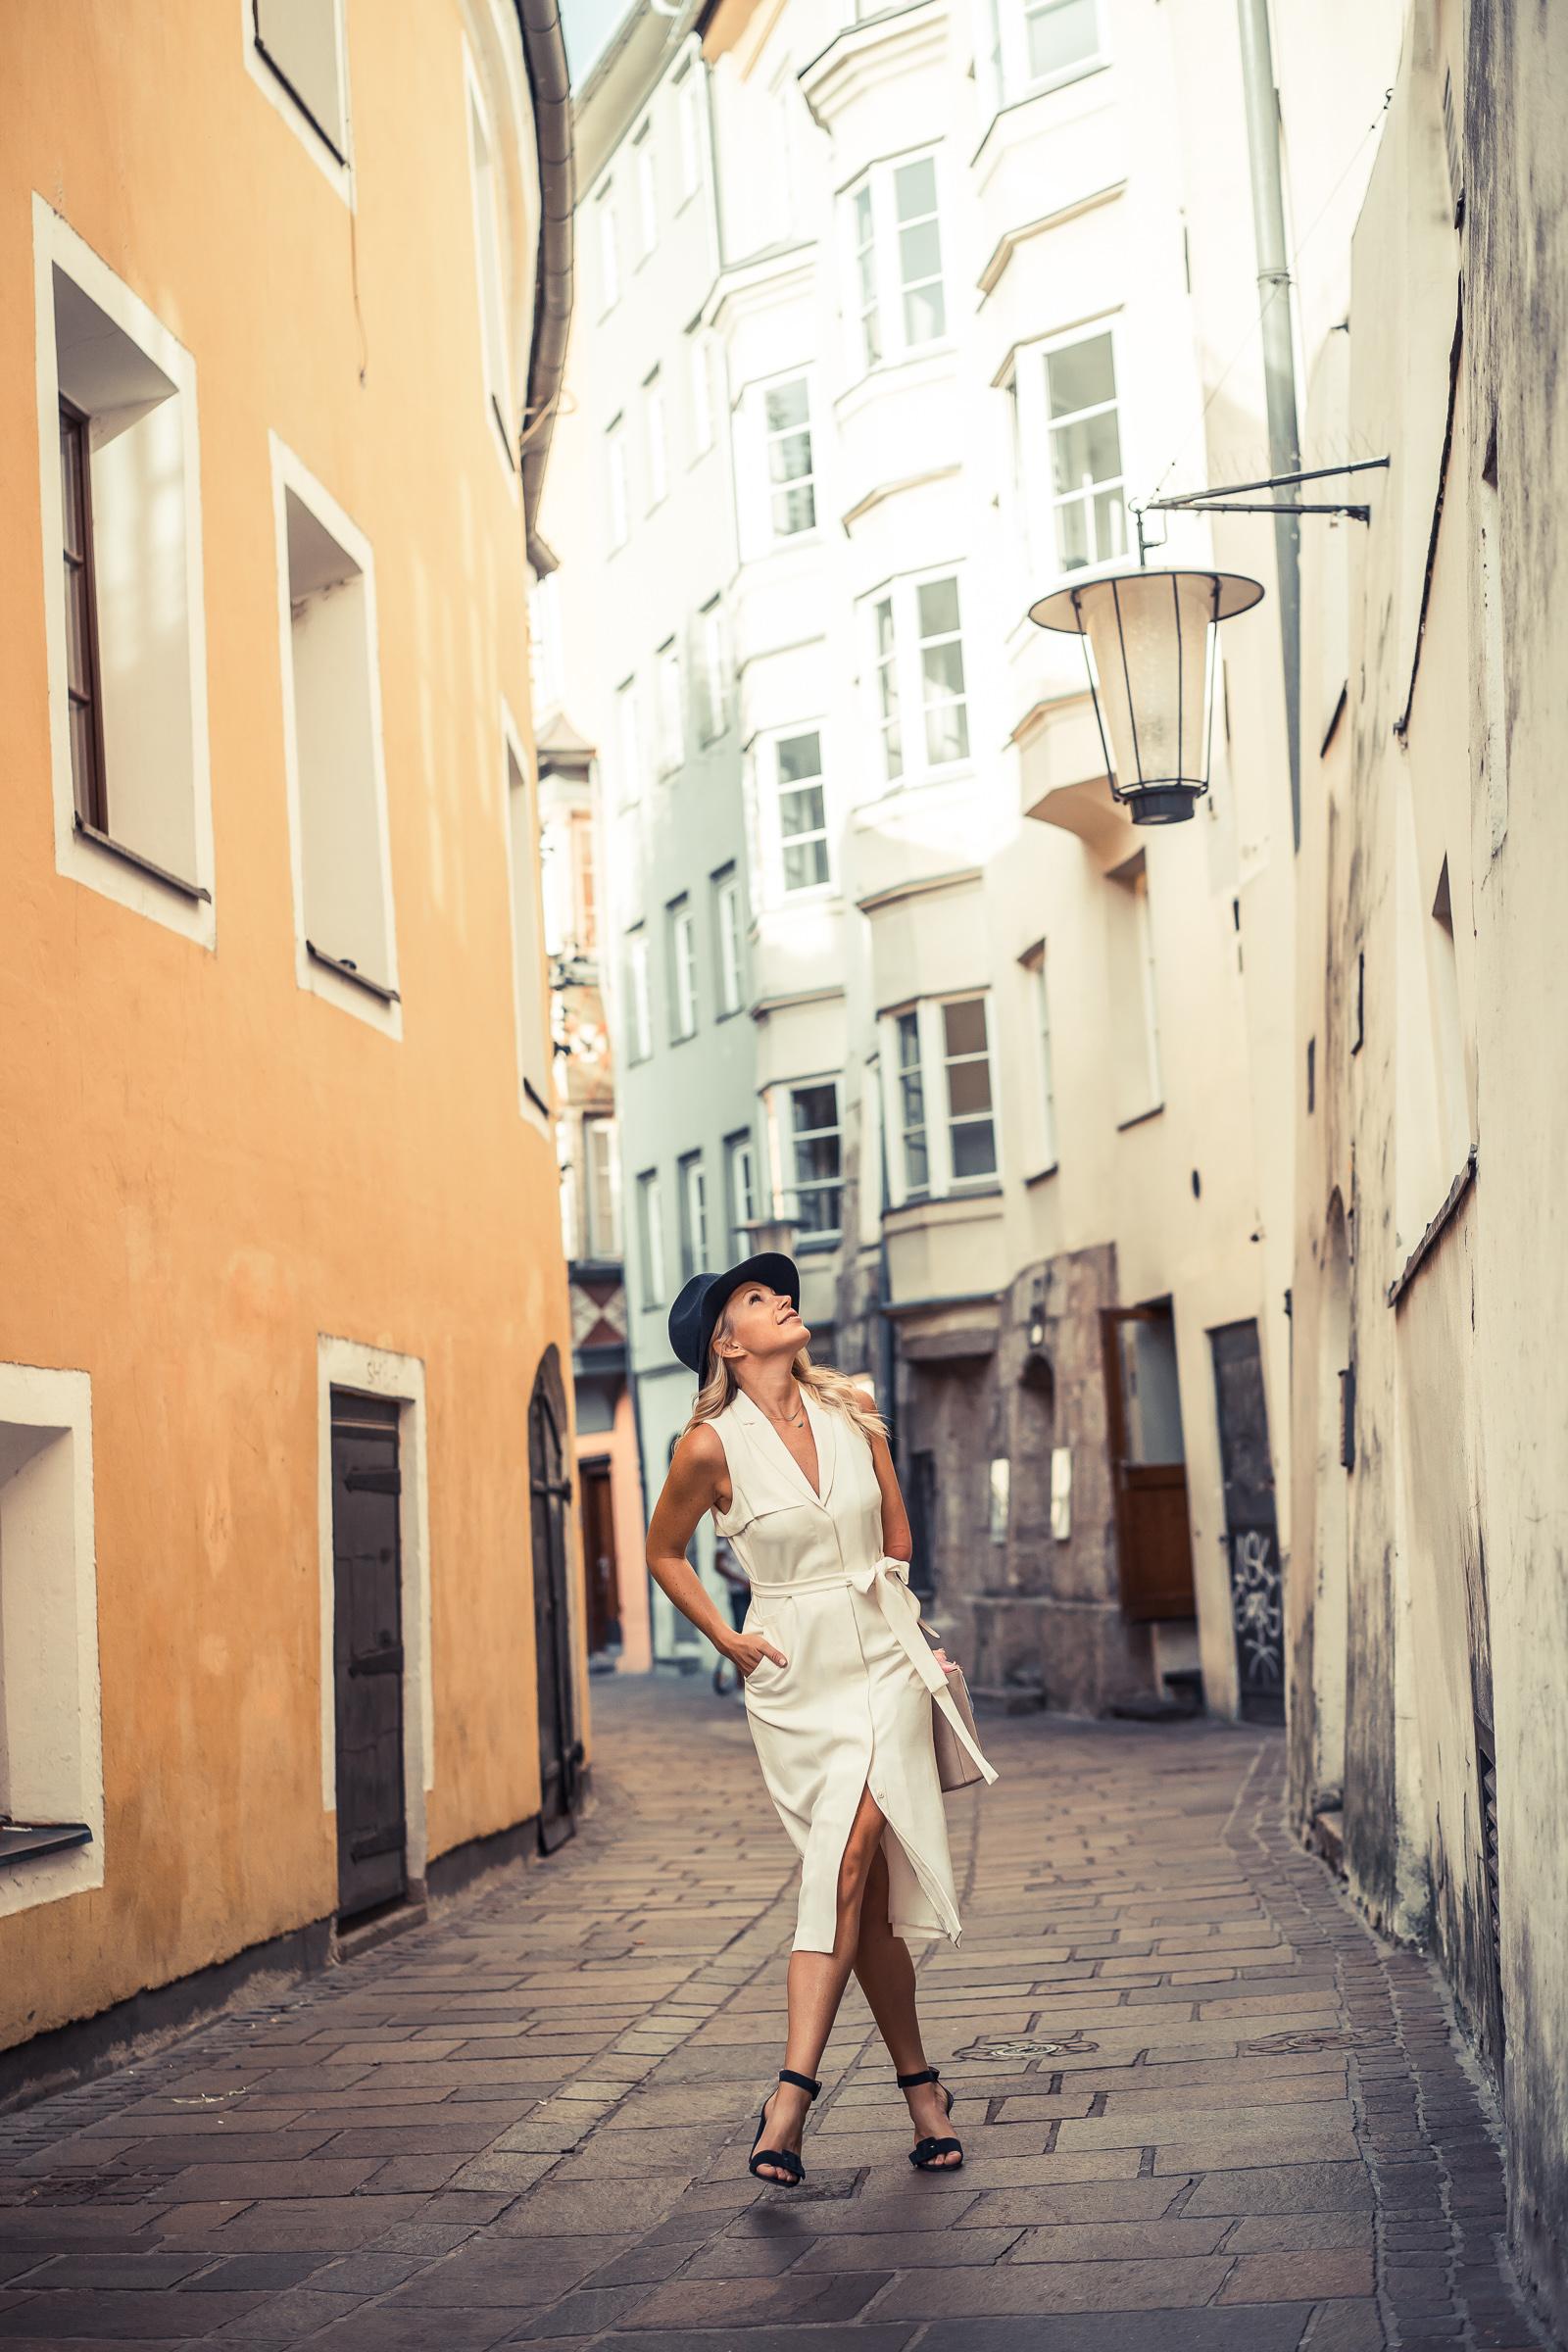 DHB_SarahHerron-Innsbruck-6973.jpg